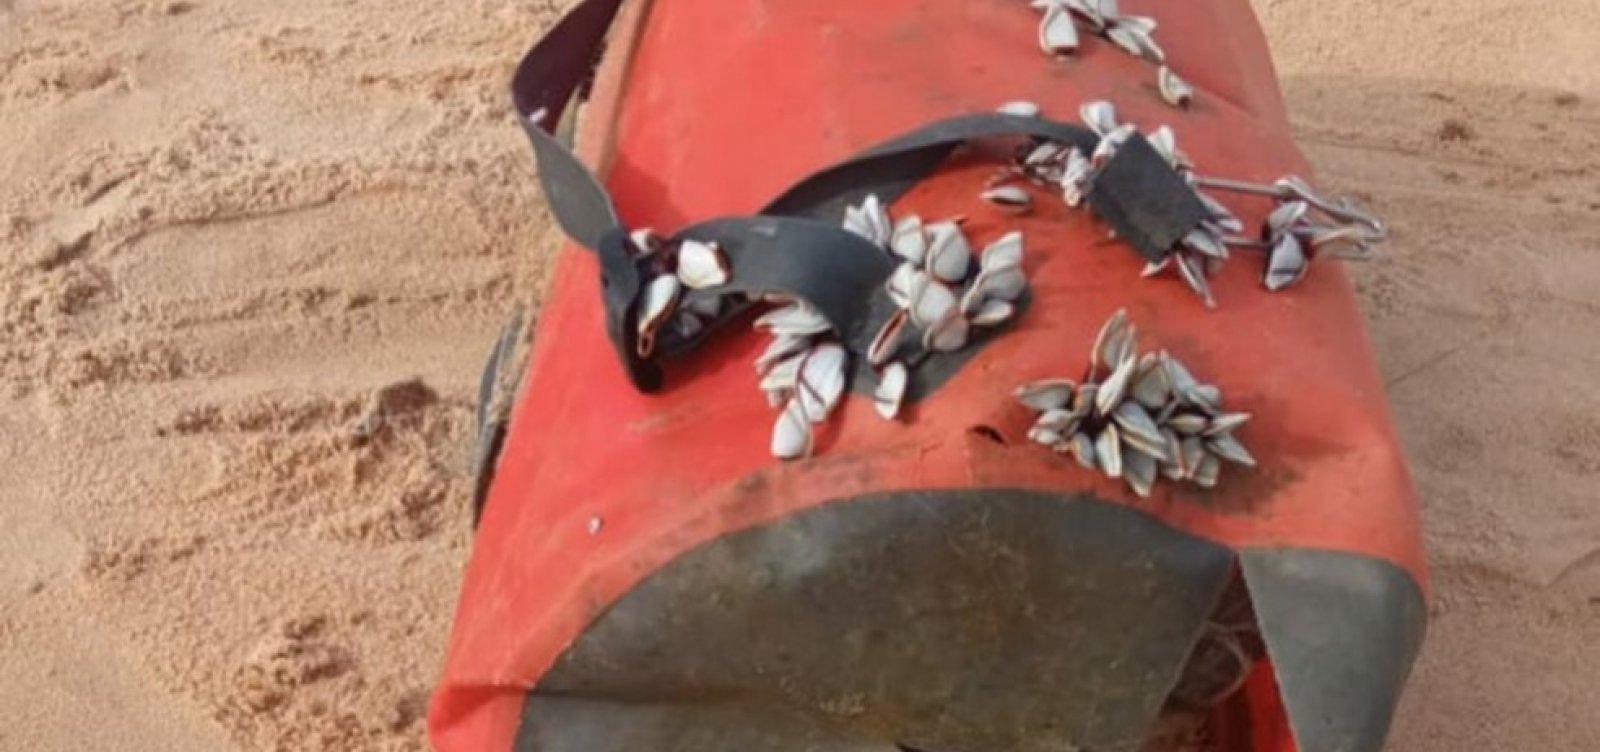 Cerca de 52 kg de cocaína são encontradas em mochilas na praia de Nova Viçosa